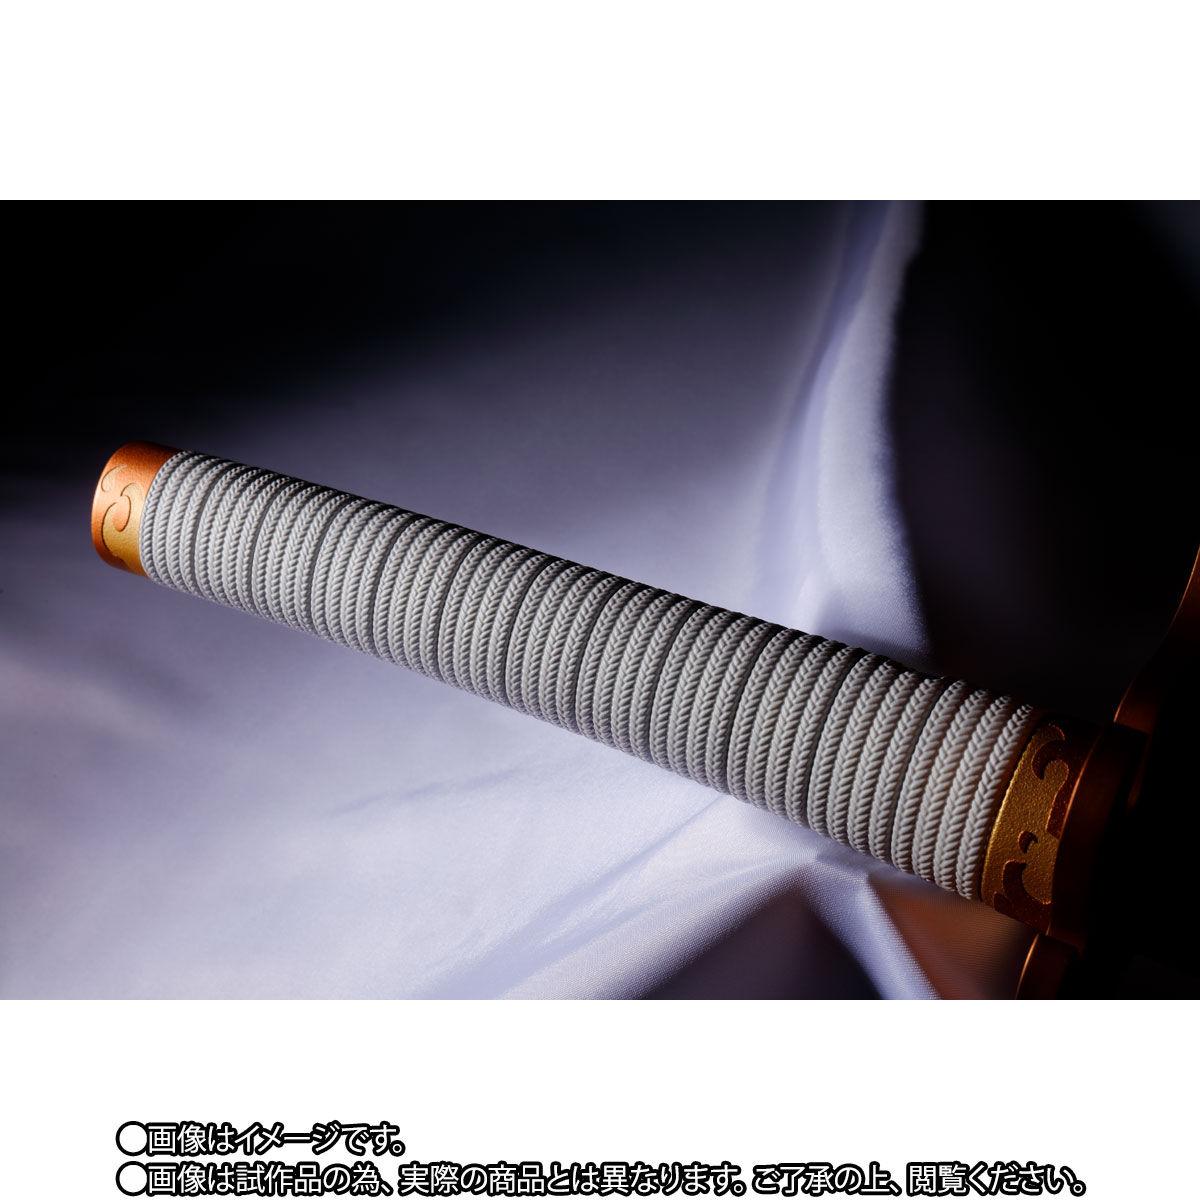 【限定販売】【再販】PROPLICA プロップリカ『日輪刀(煉獄杏寿郎)』鬼滅の刃 変身なりきり-003